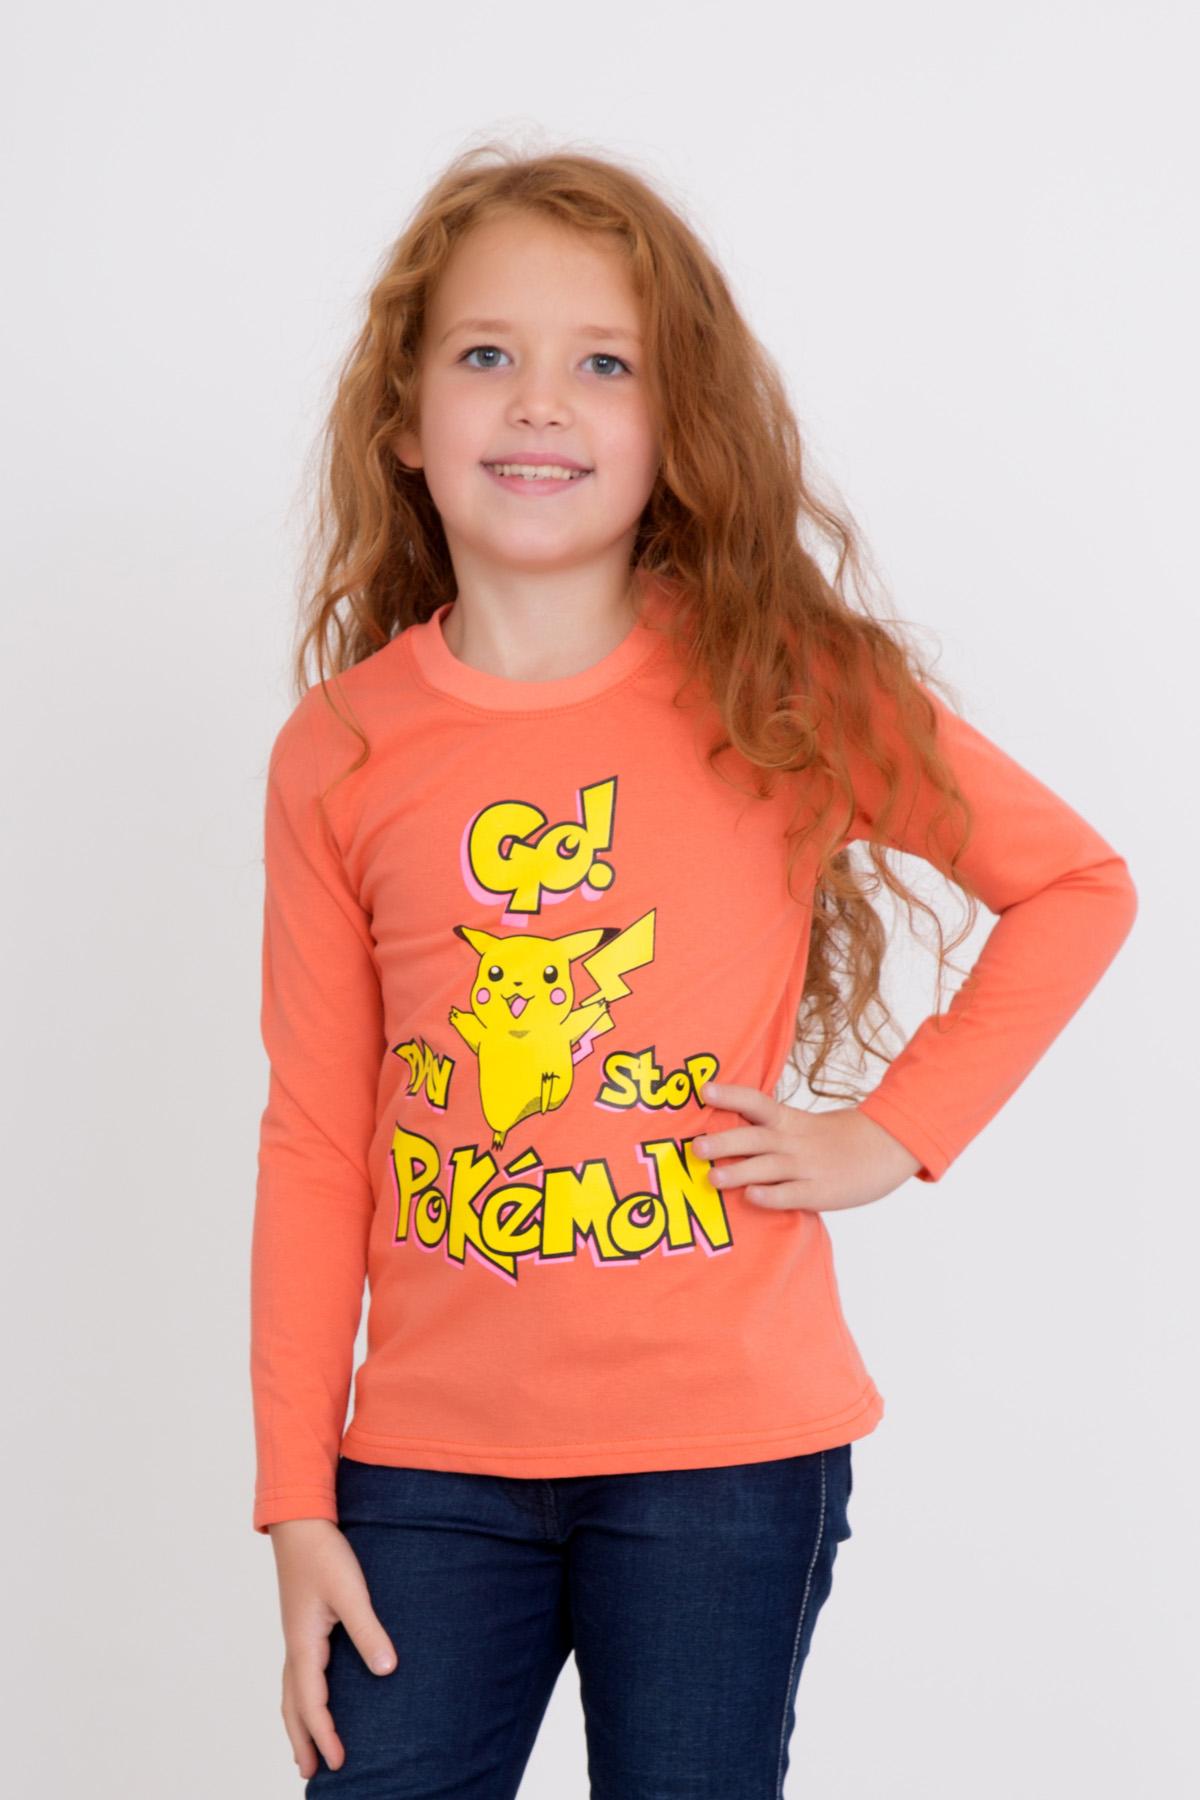 Дет. футболка Покемон Оранжевый р. 28 дет шорты жан р 28